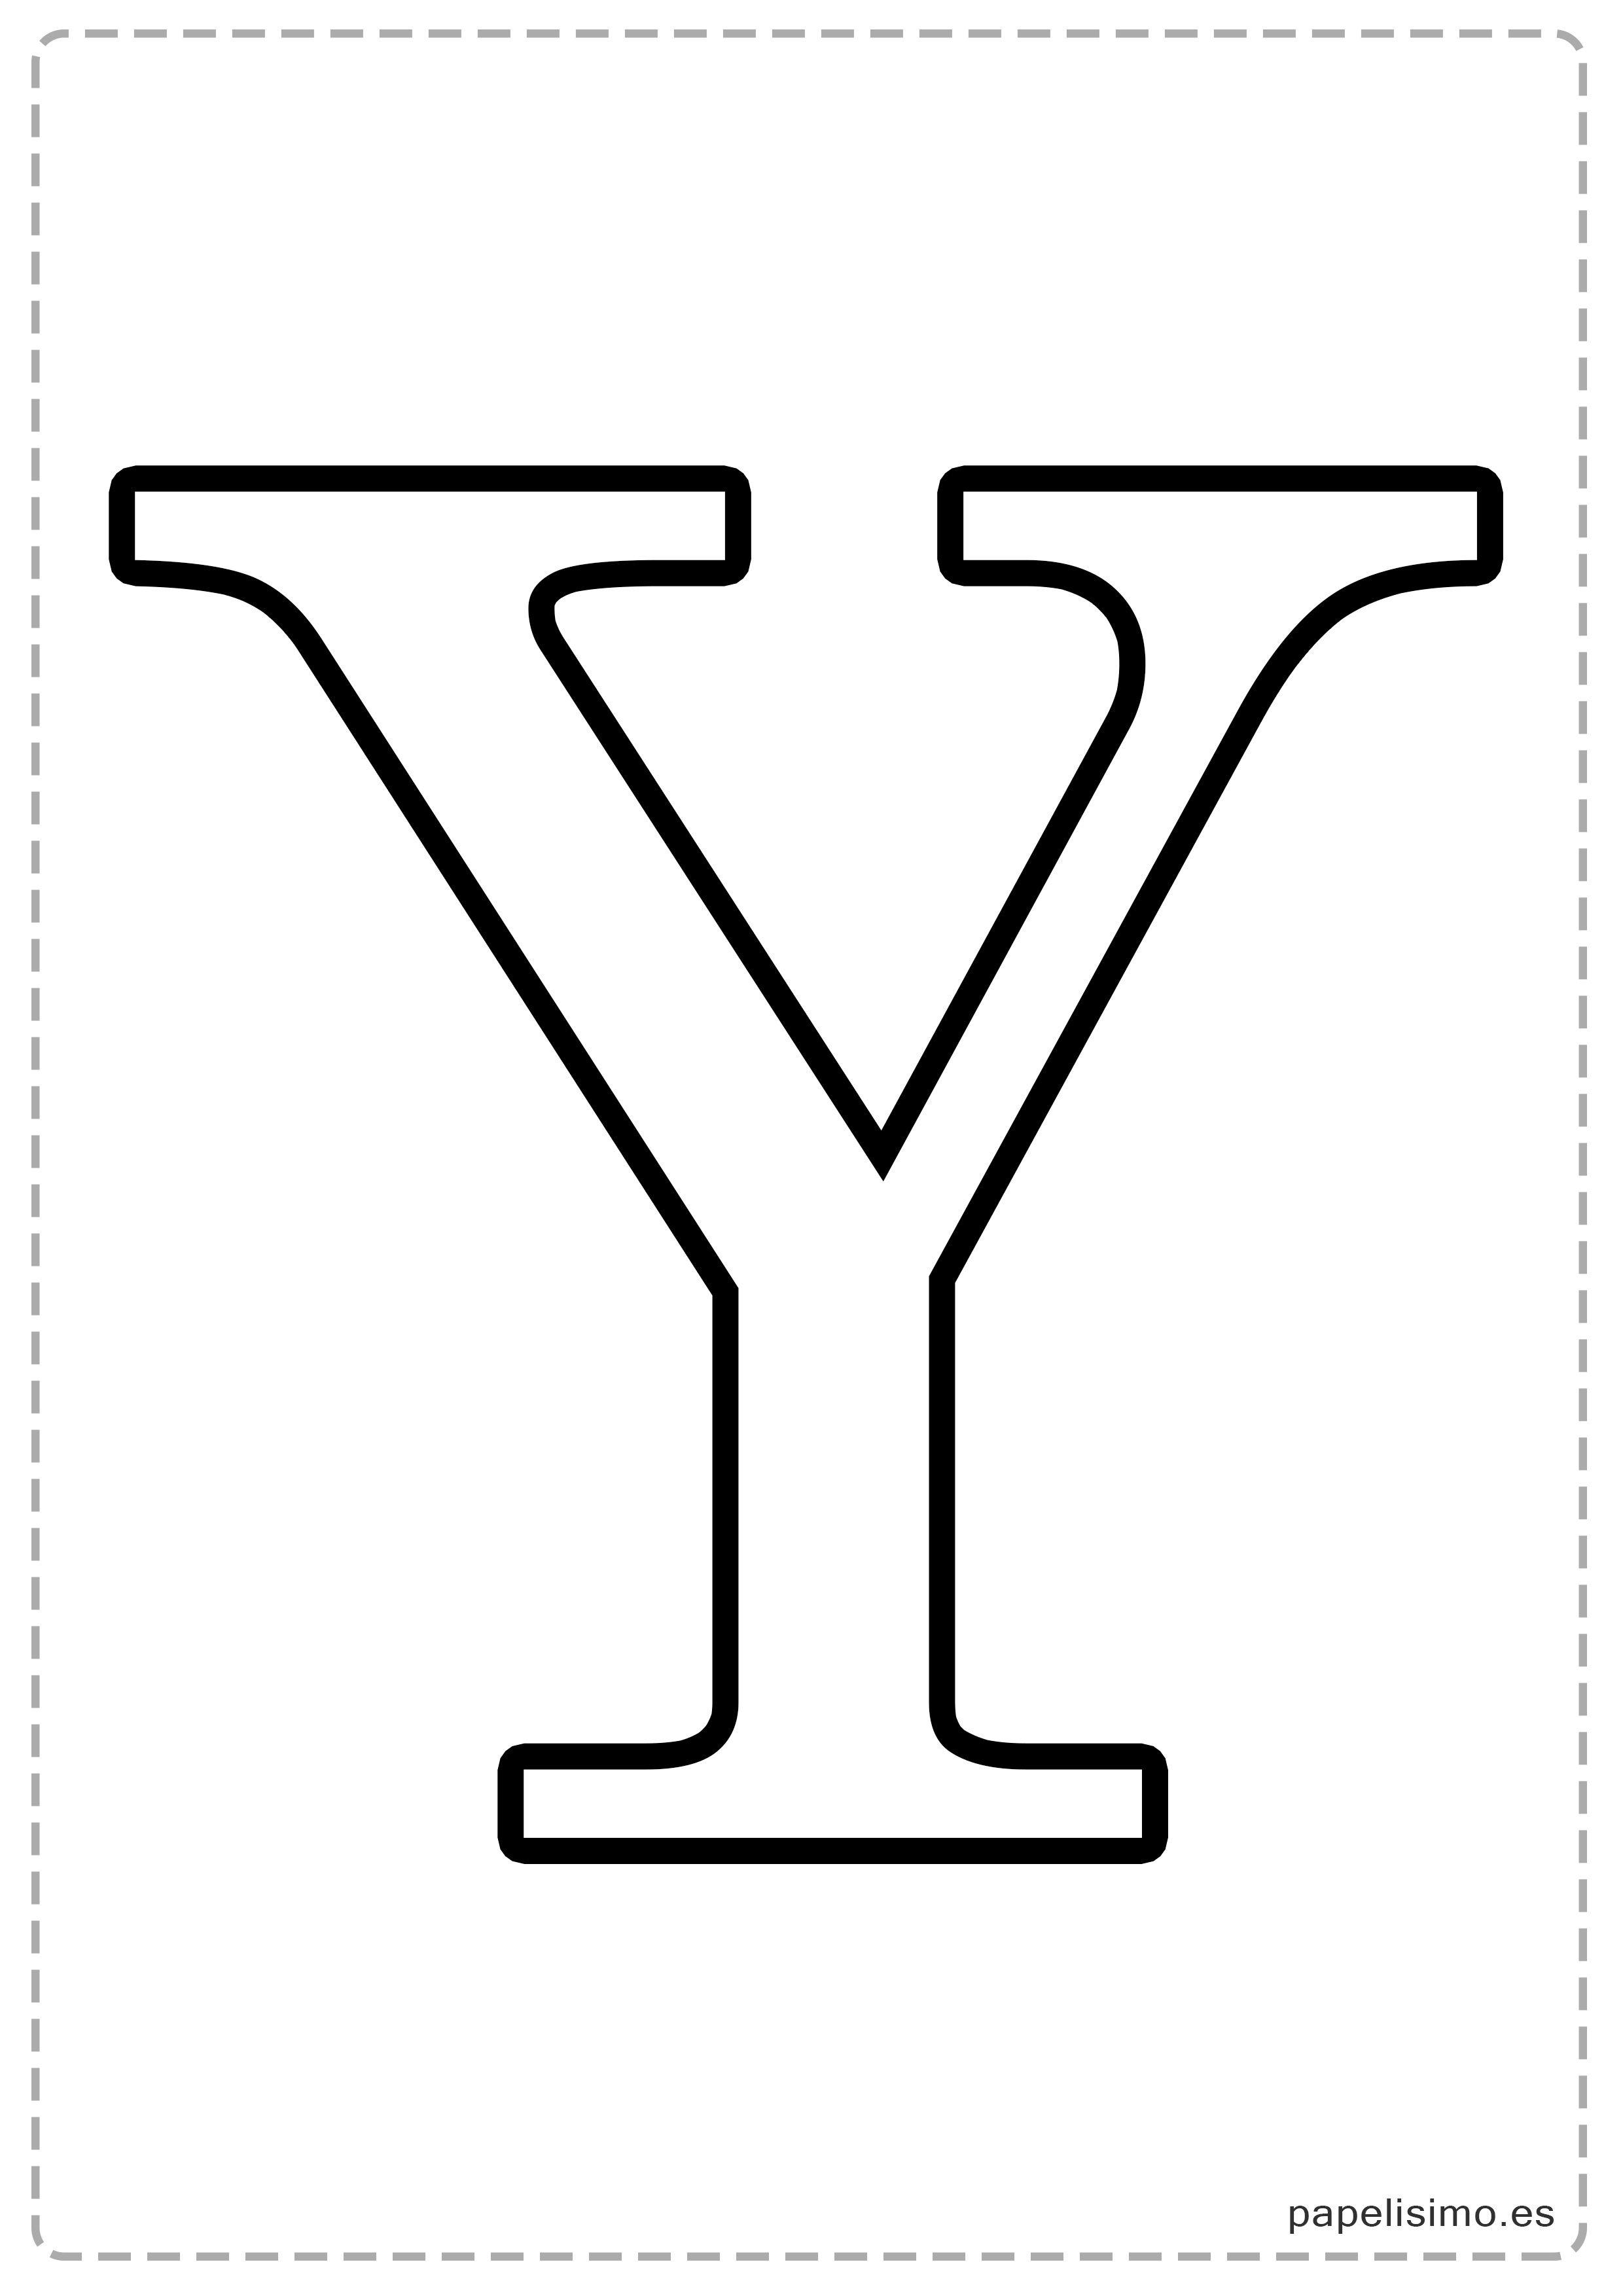 Y Abecedario Letras Grandes Imprimir Mayusculas Jpg 2480 3508